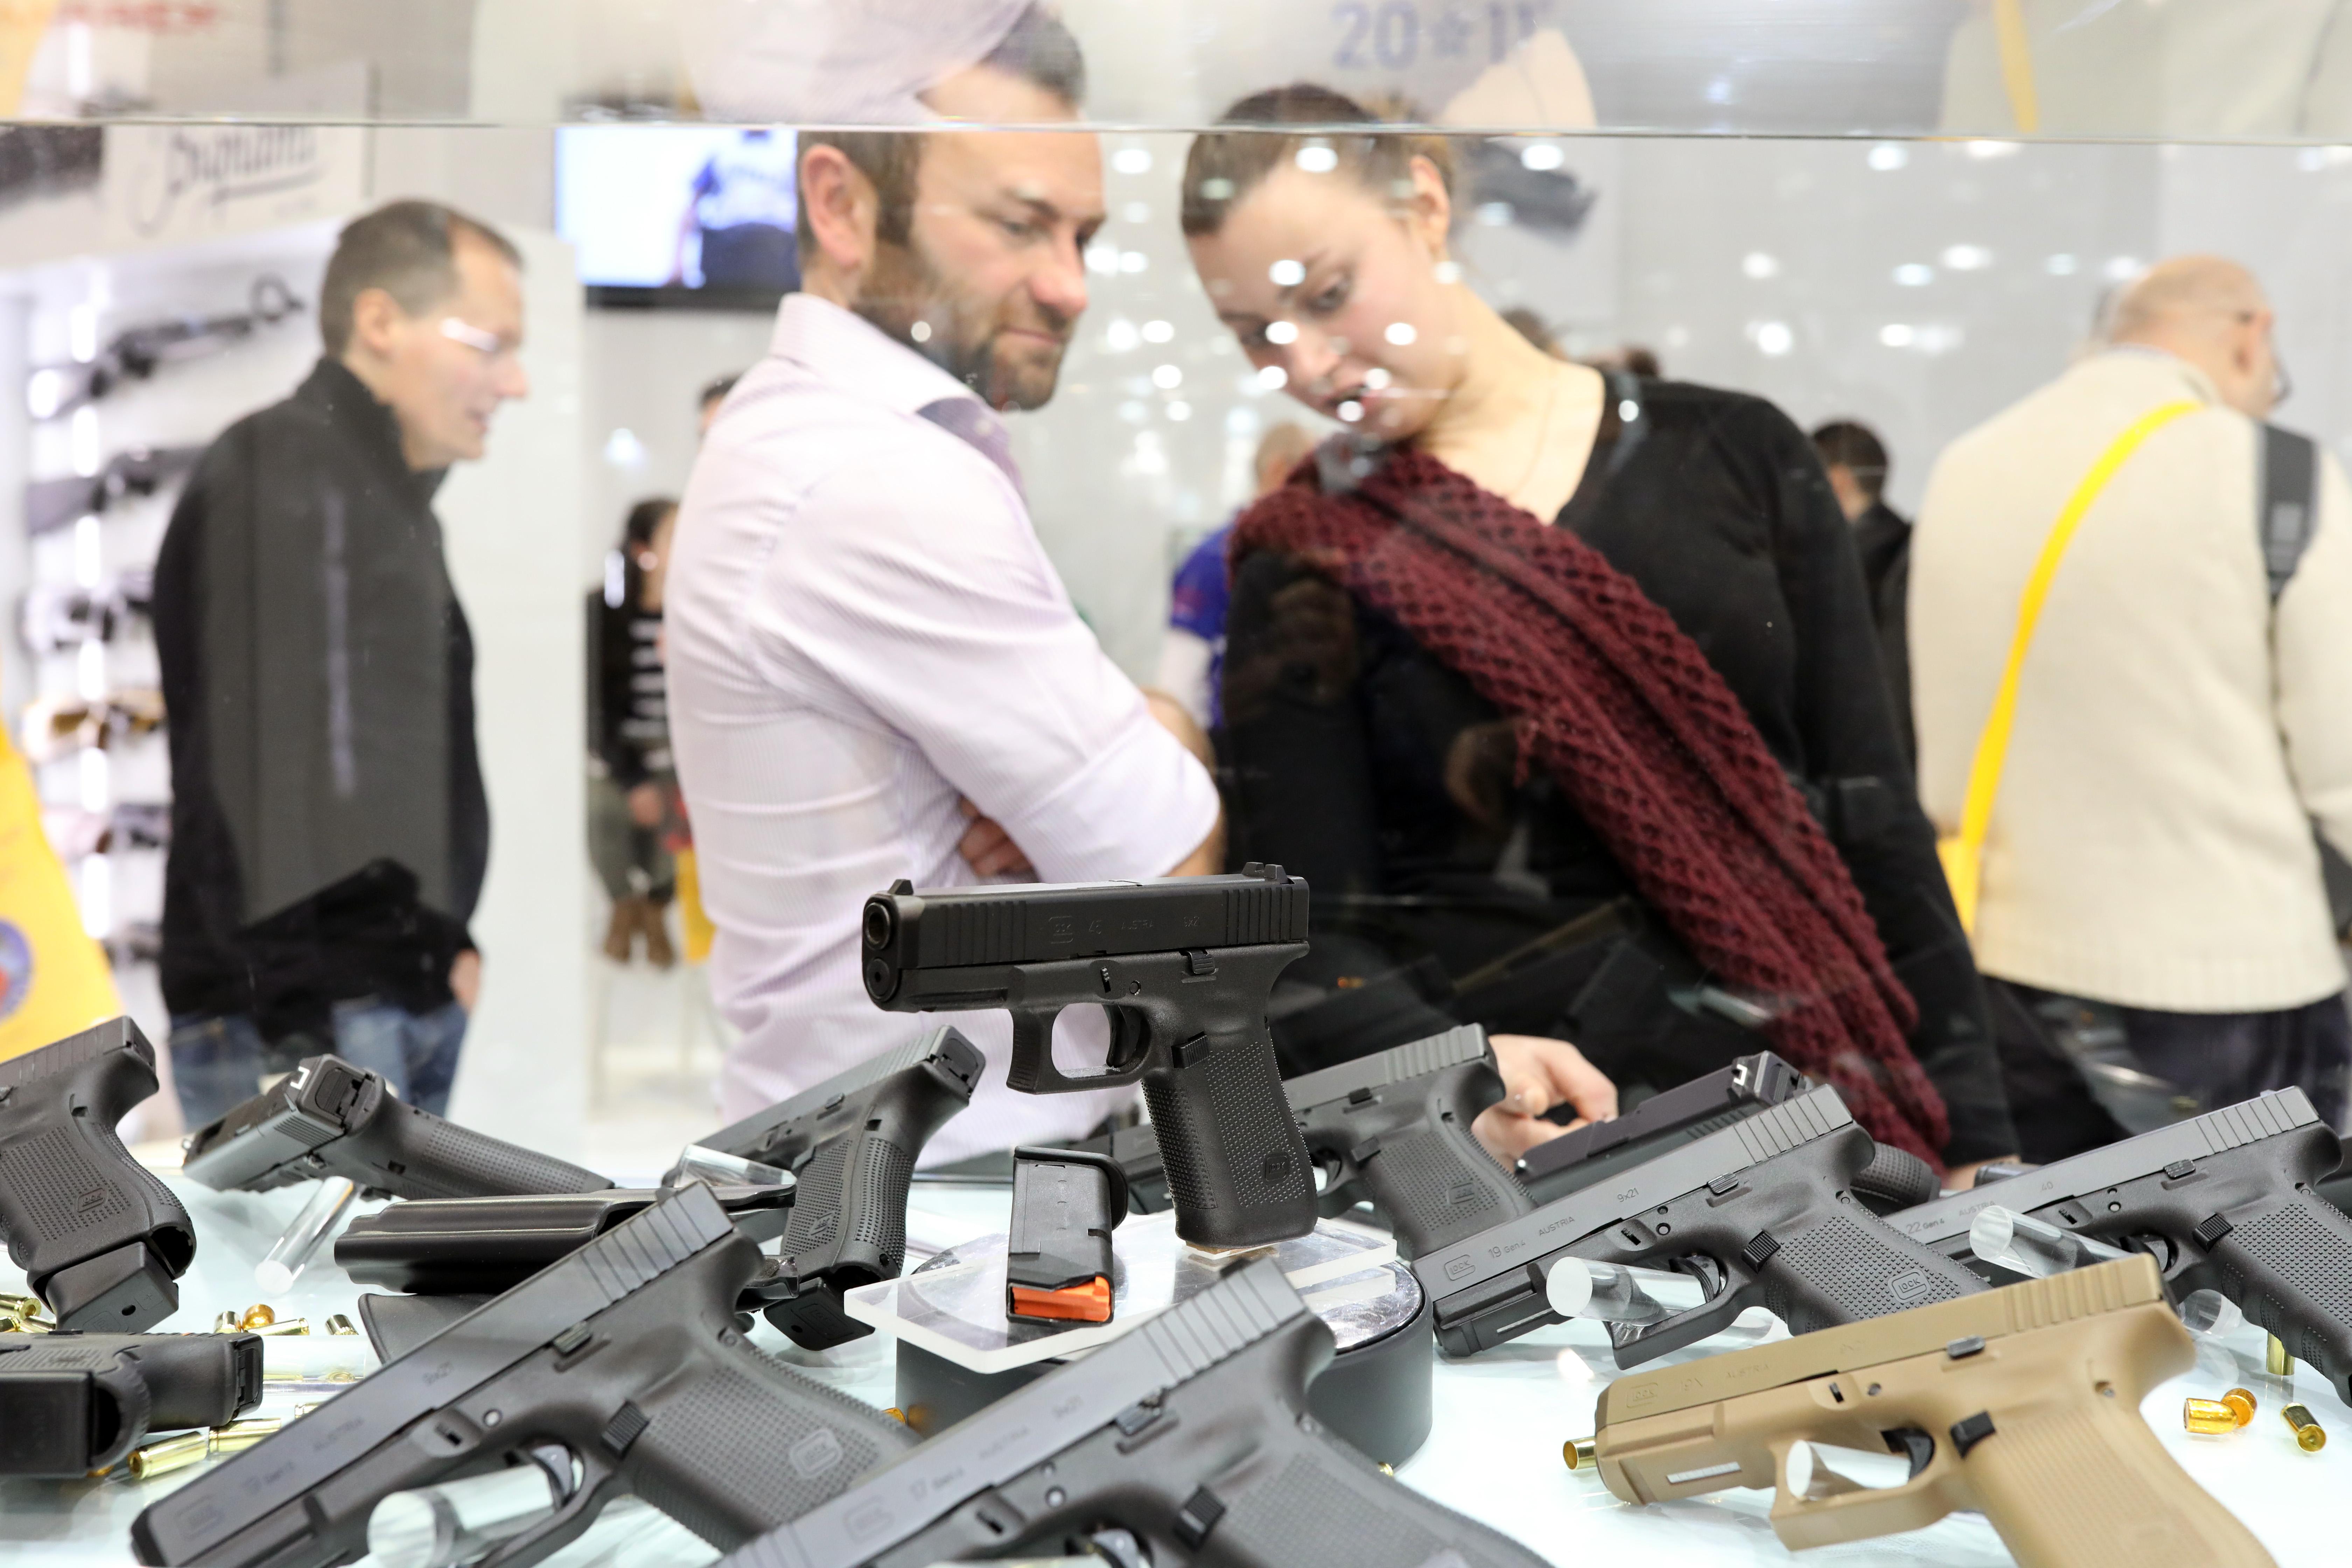 Men looking at guns on display at a trade show.